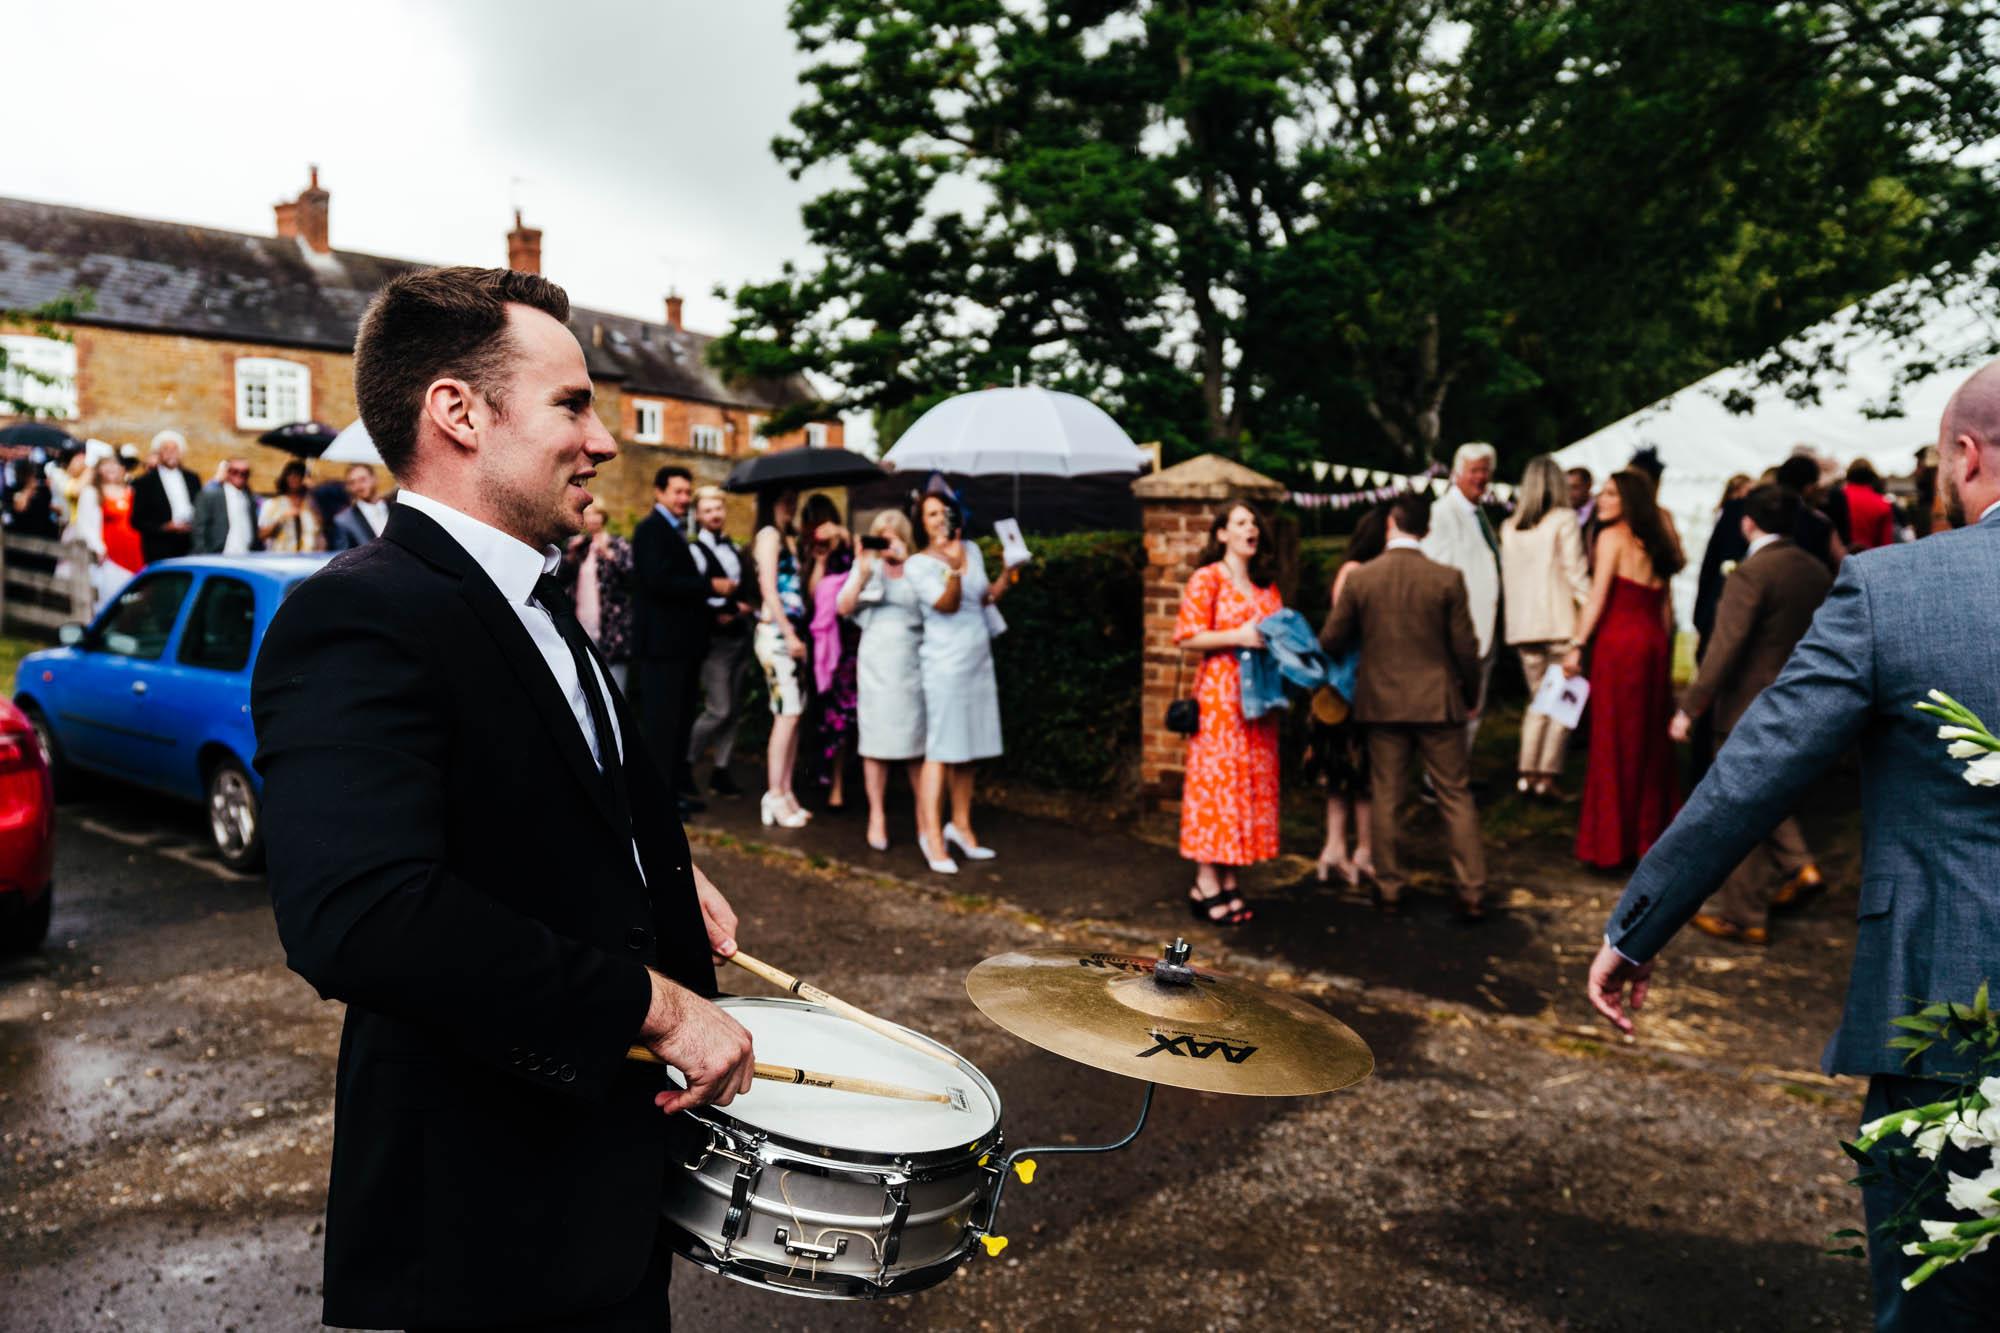 village-fete-wedding-42